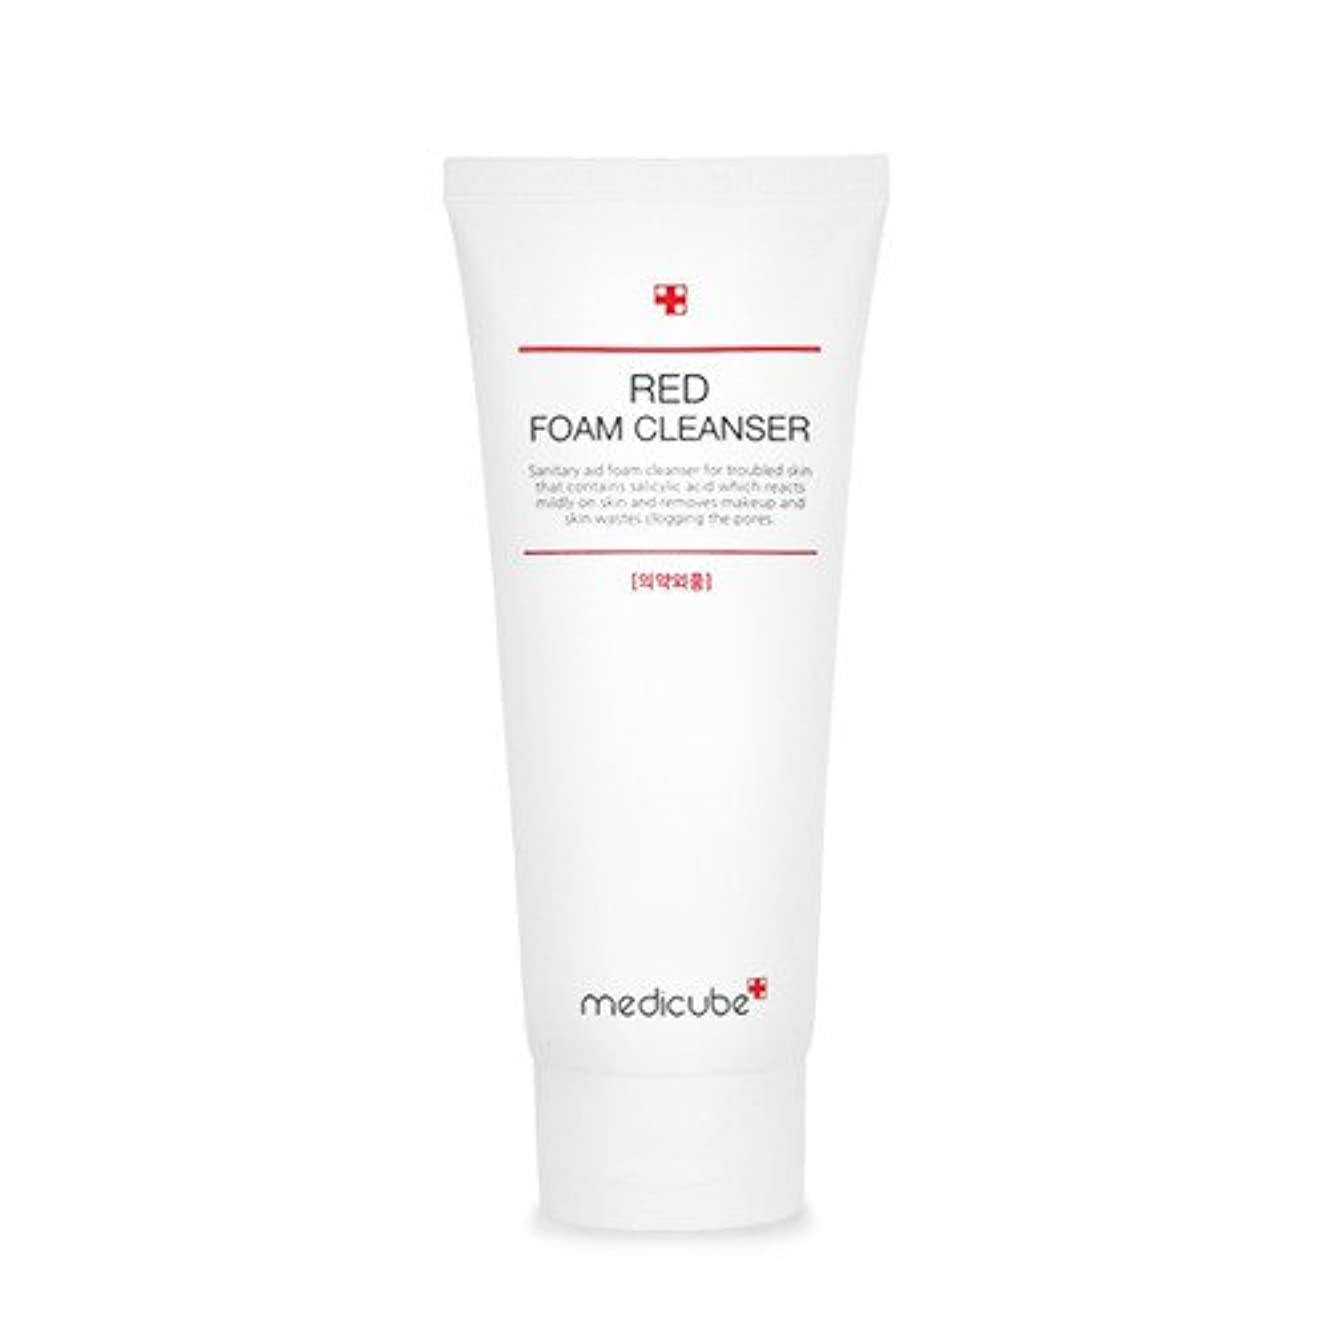 独裁者工夫する味付け[Medicube]Red Foam Cleanser 120ml / メディキューブレッドクレンジングフォーム / 正品?海外直送商品 [並行輸入品]